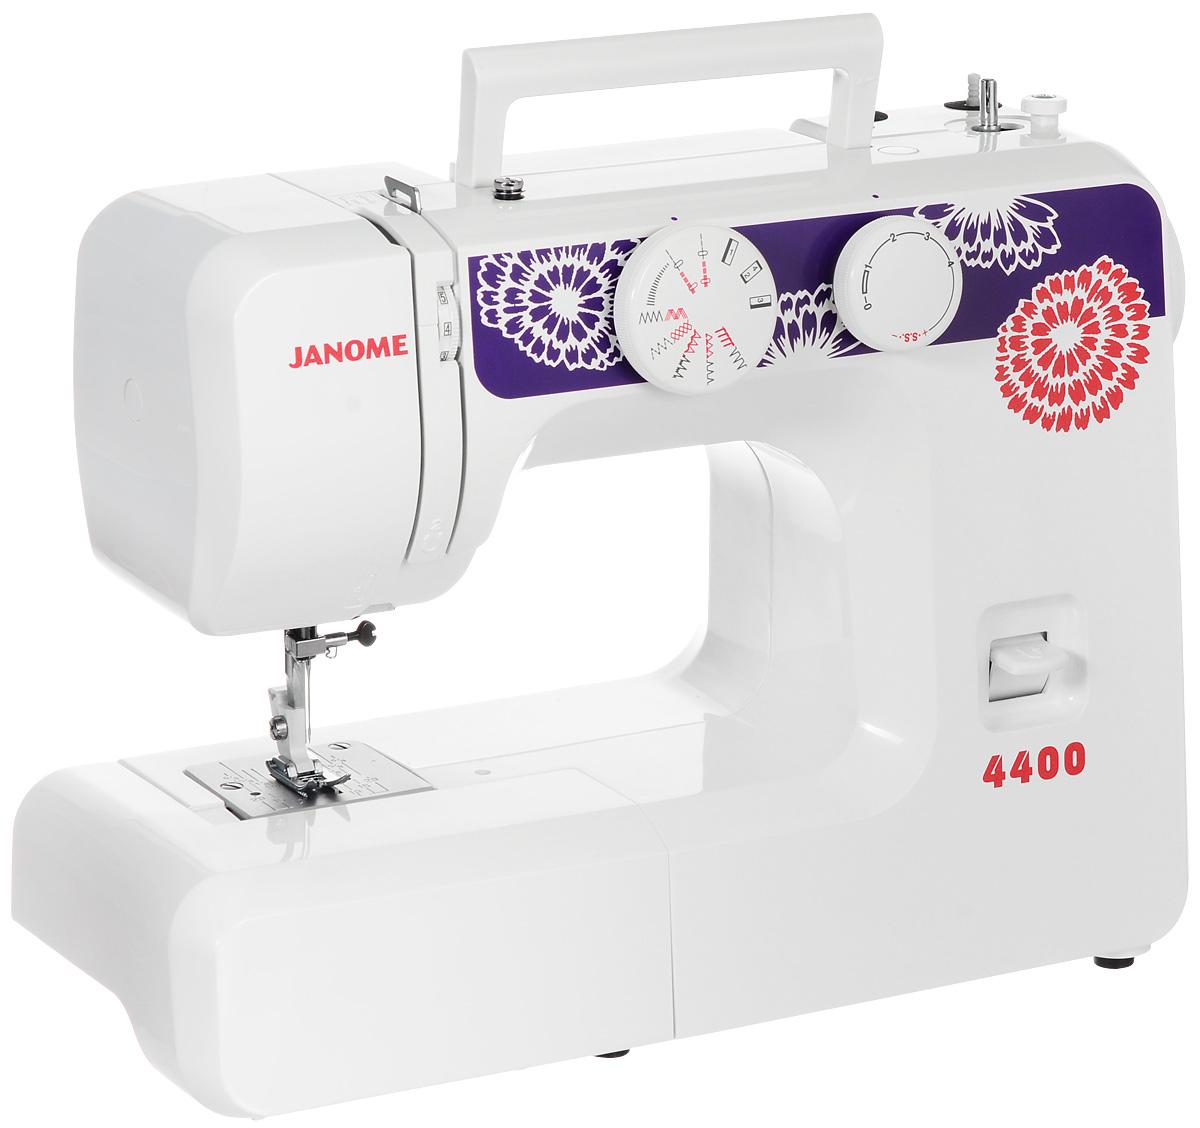 Janome 4400 швейная машинаJanome4400Janome 4400 - это простая высококачественная швейная машина с оригинальным дизайном и 15 операциями. Она легко прошивает тонкие и средние материалы.Данная модель поможет вам в освоении швейных машинок, если вы никогда ими не пользовались.Машина может выполнять большое количество строчек: оверлочную, потайную, эластичную, эластичную потайную. Максимальная скорость с которой может работать Janome 4400 - 600 ст/мин.Закрепить строчку можно будет с помощью кнопки реверса: при включении этого режима шитье пойдет в обратном направлении. Также машина может измерять размер пуговиц и шить двойной иглой.